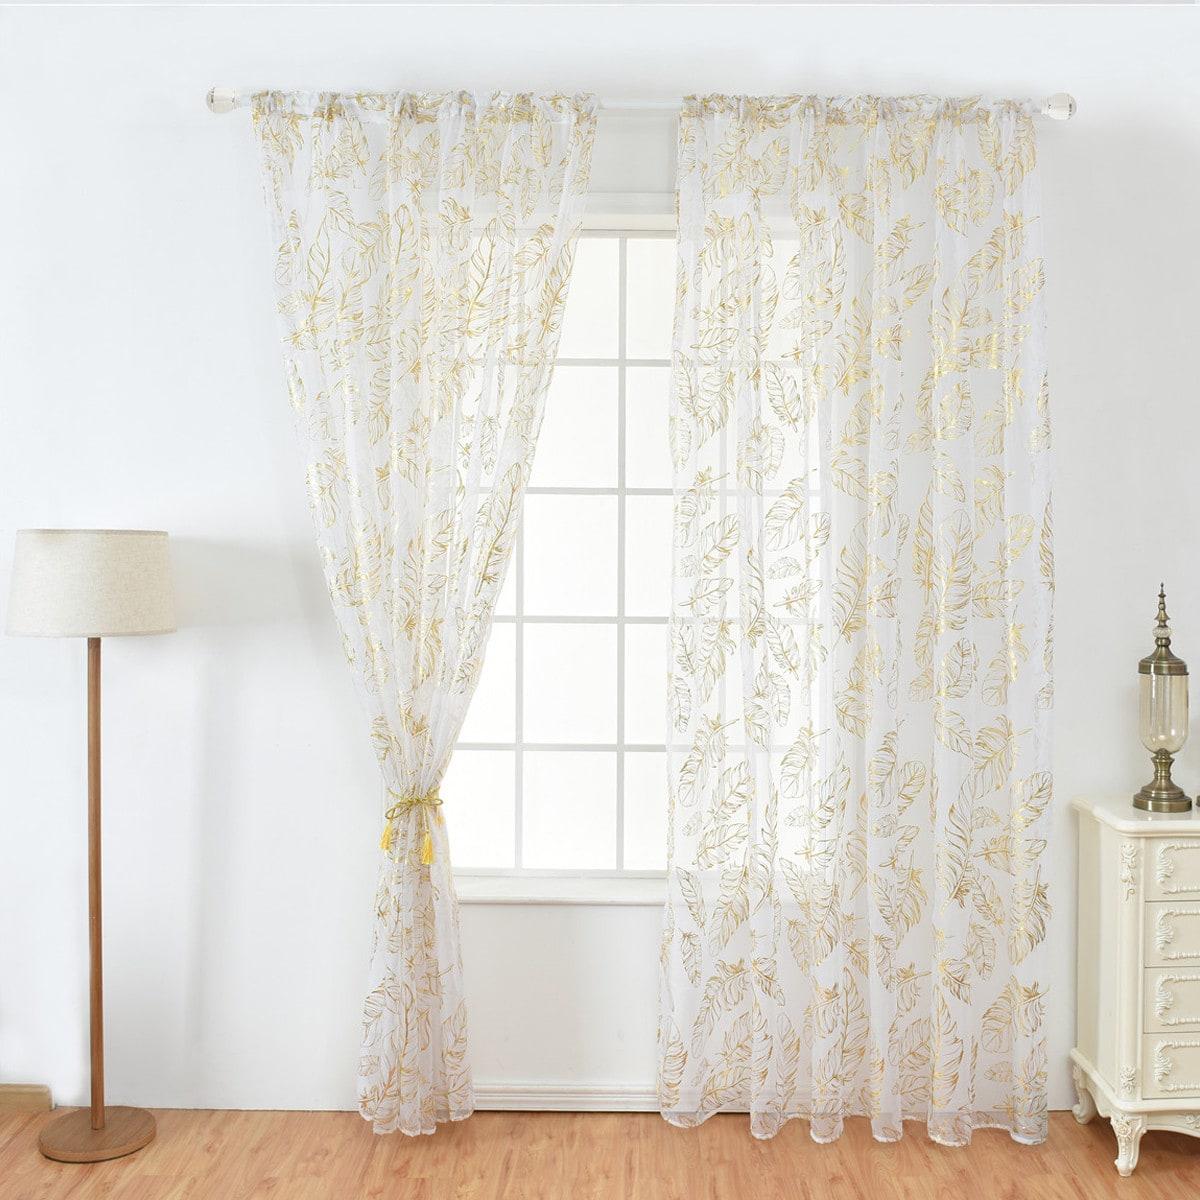 Vorhang mit Feder Muster, Bronzing Rod Taschen und transparentem Netzstoff 1pc